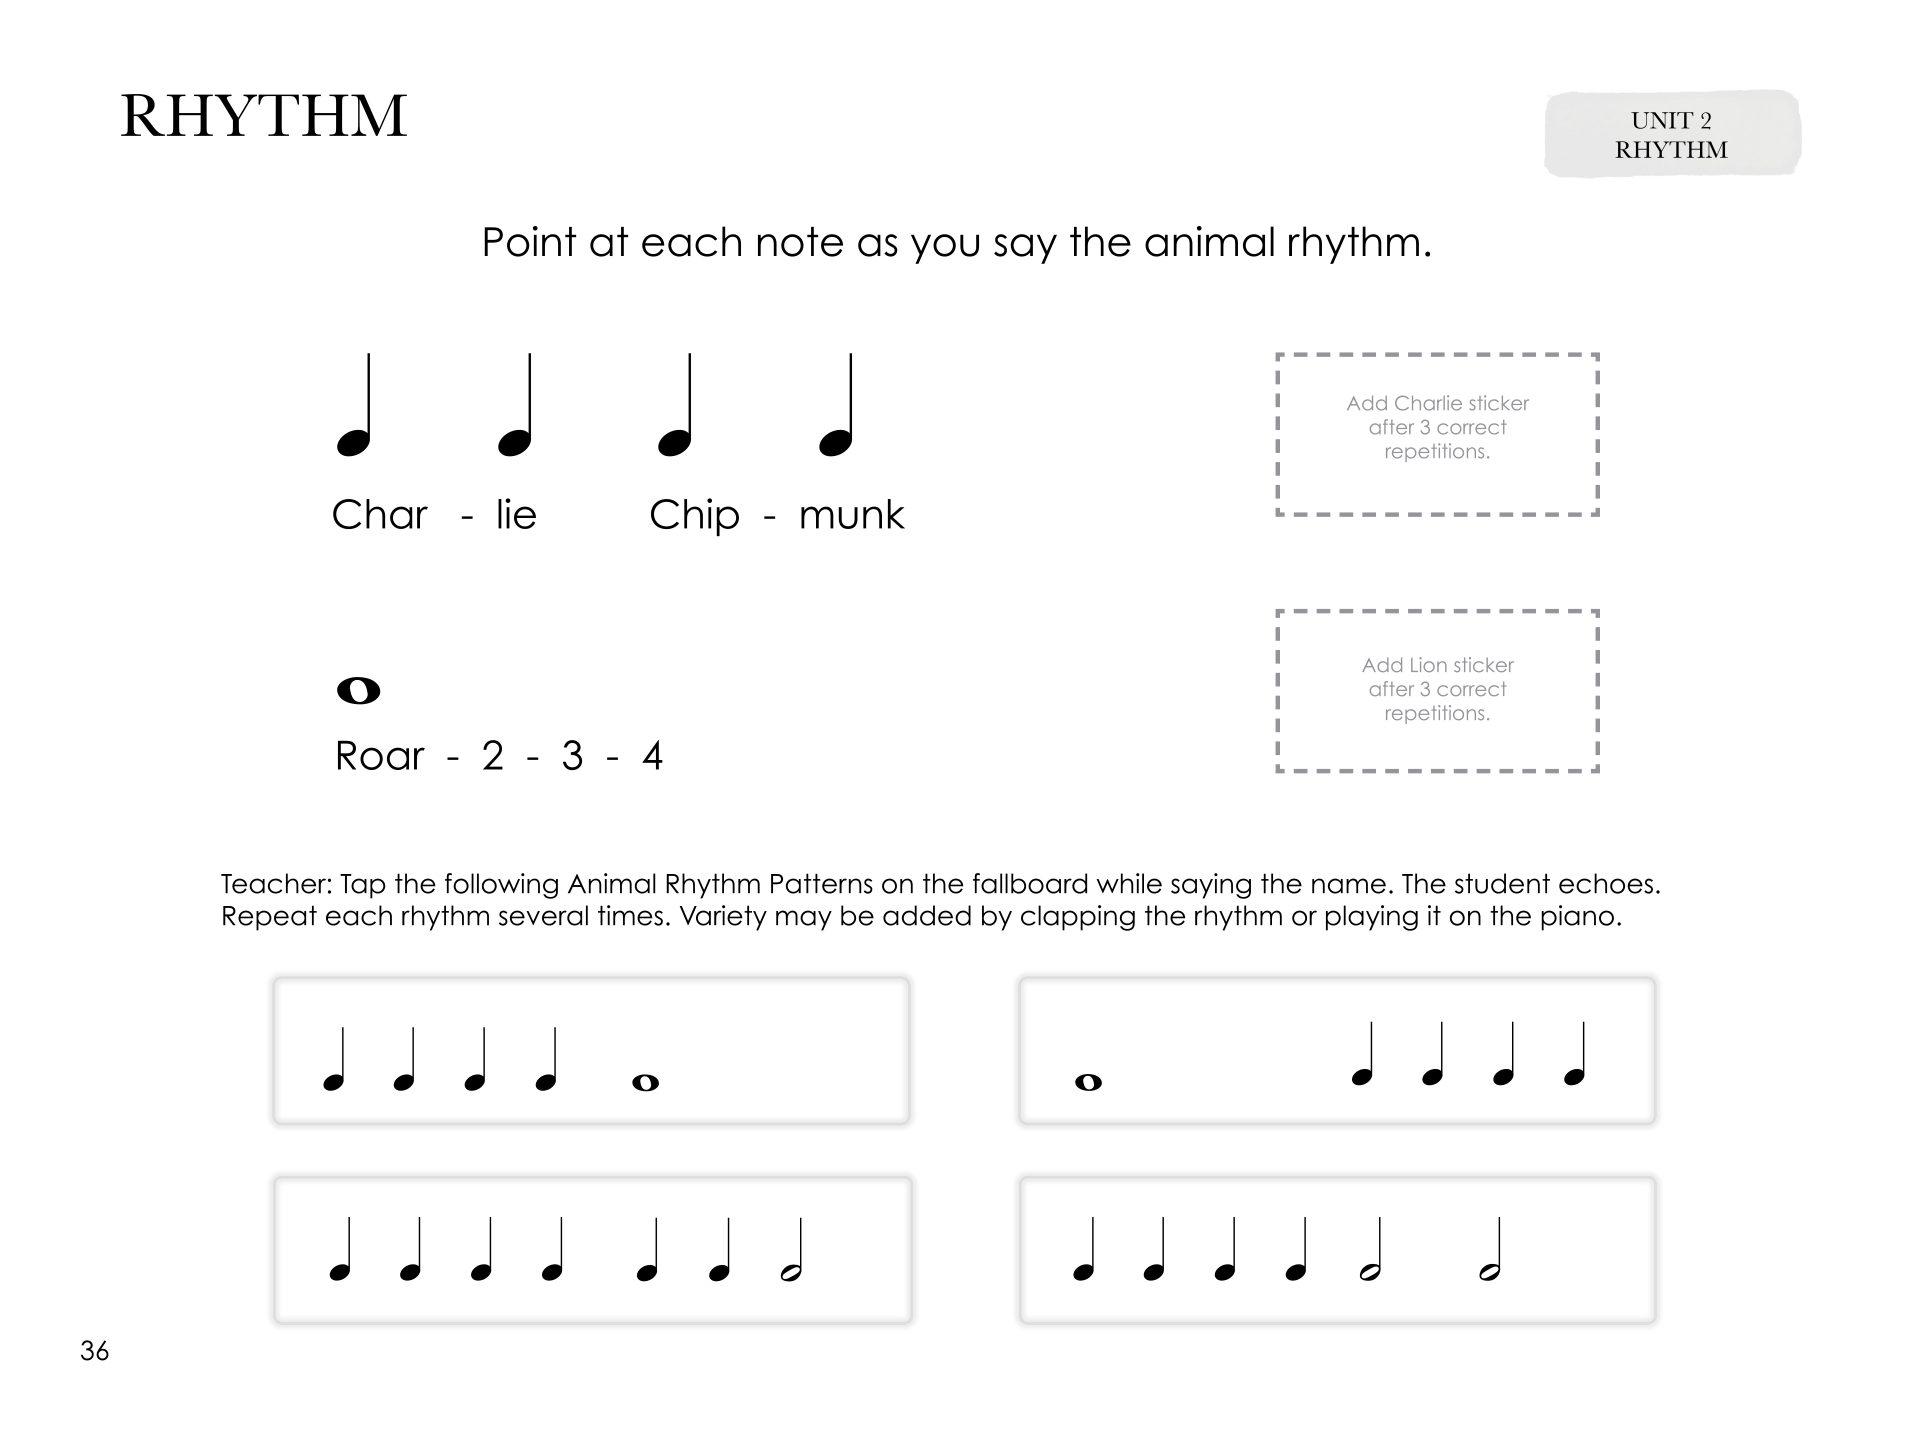 PIANO SAFARI REPERTOIRE BOOK 3, PIANO SAFARI REPERTOIRE, PIANO SAFARI BOOK 2, PIANO SAFARI COMPRAR, PIANO SAFARI BRASIL, PIANO SAFARI PDF,  PIANO SAFARI PACK, PIANO SAFARI LEVEL 2, I LIKE BANANAS PIANO SAFARI, COMPRAR PIANO SAFARI LIVRO 3,